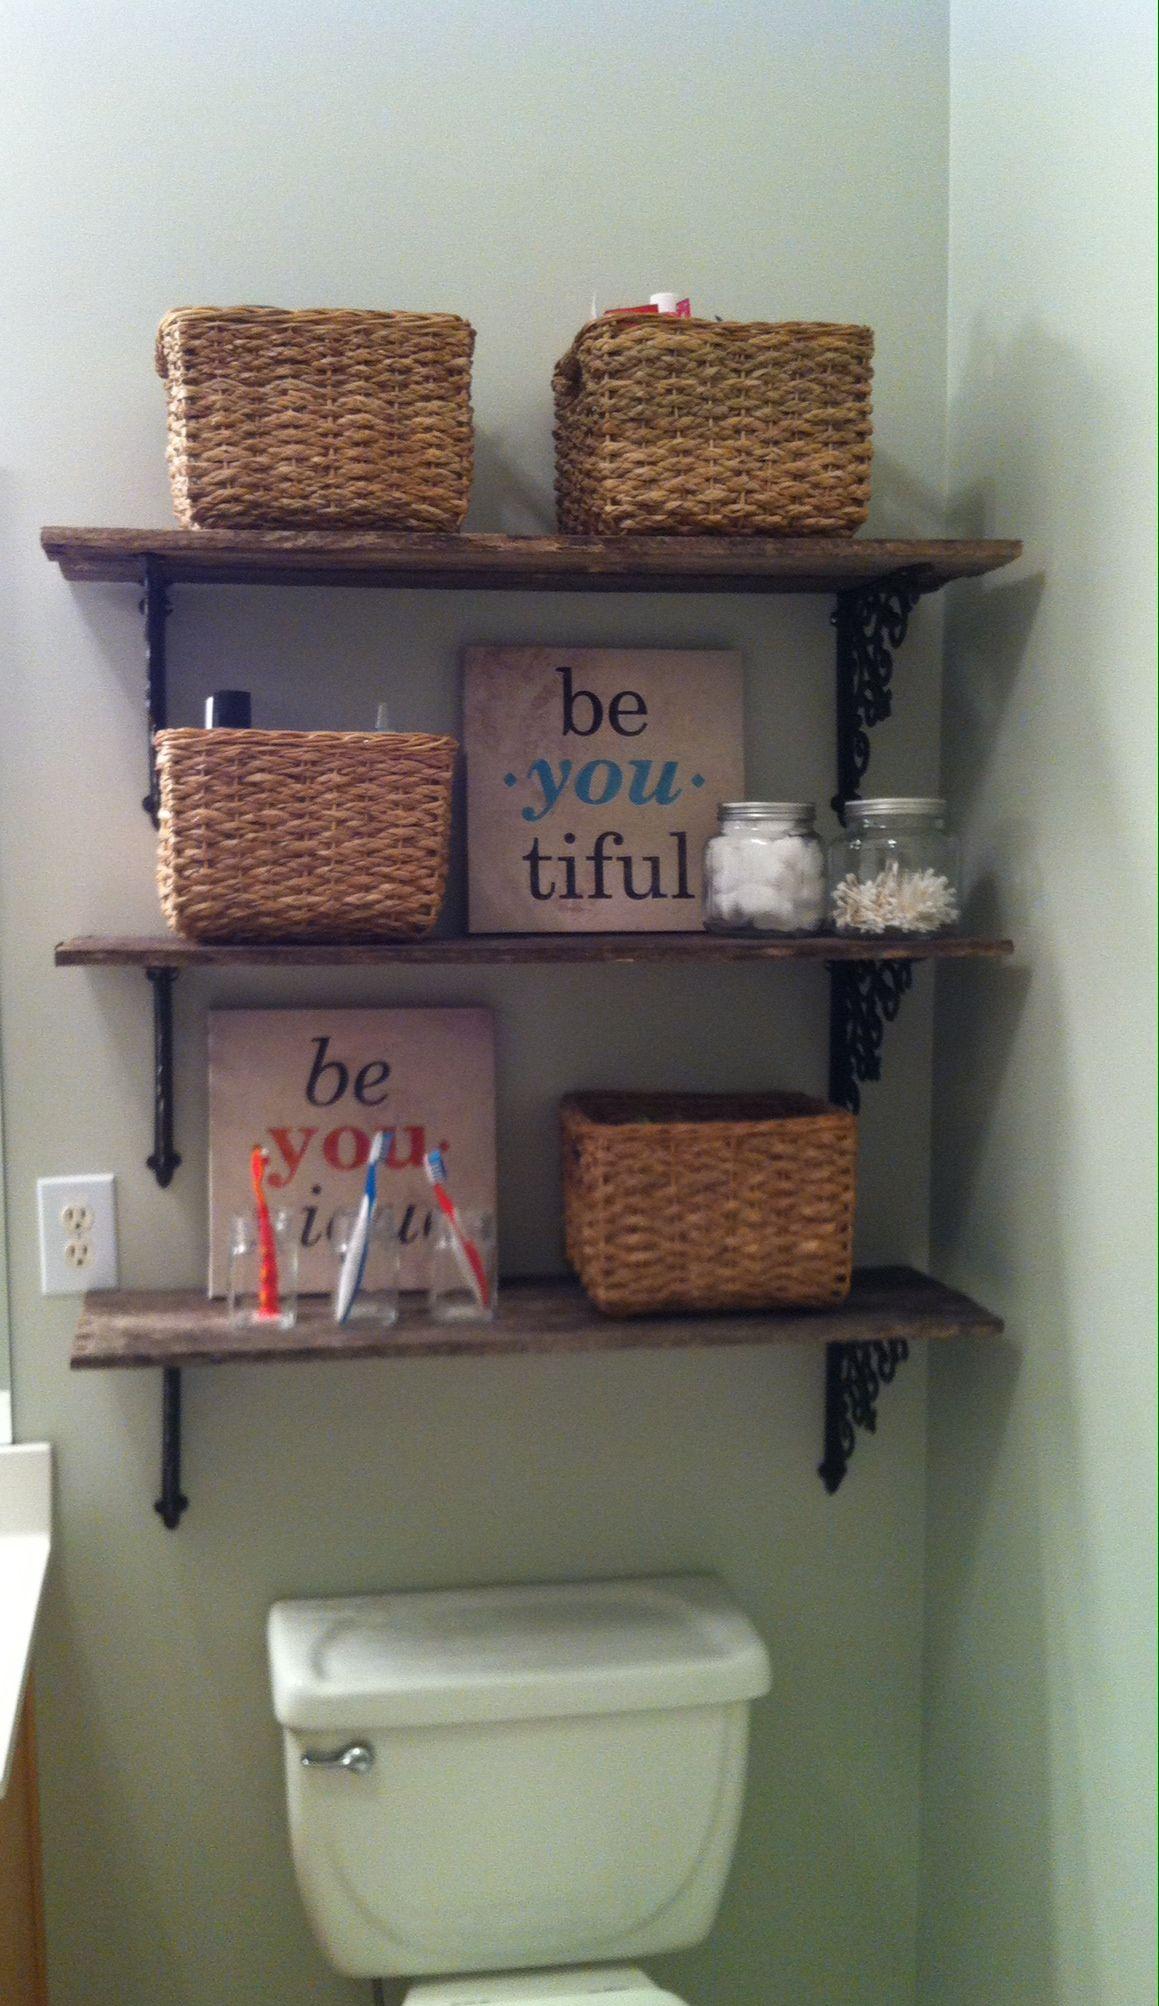 Bathroom pallet shelves | Wooden pallet shelves